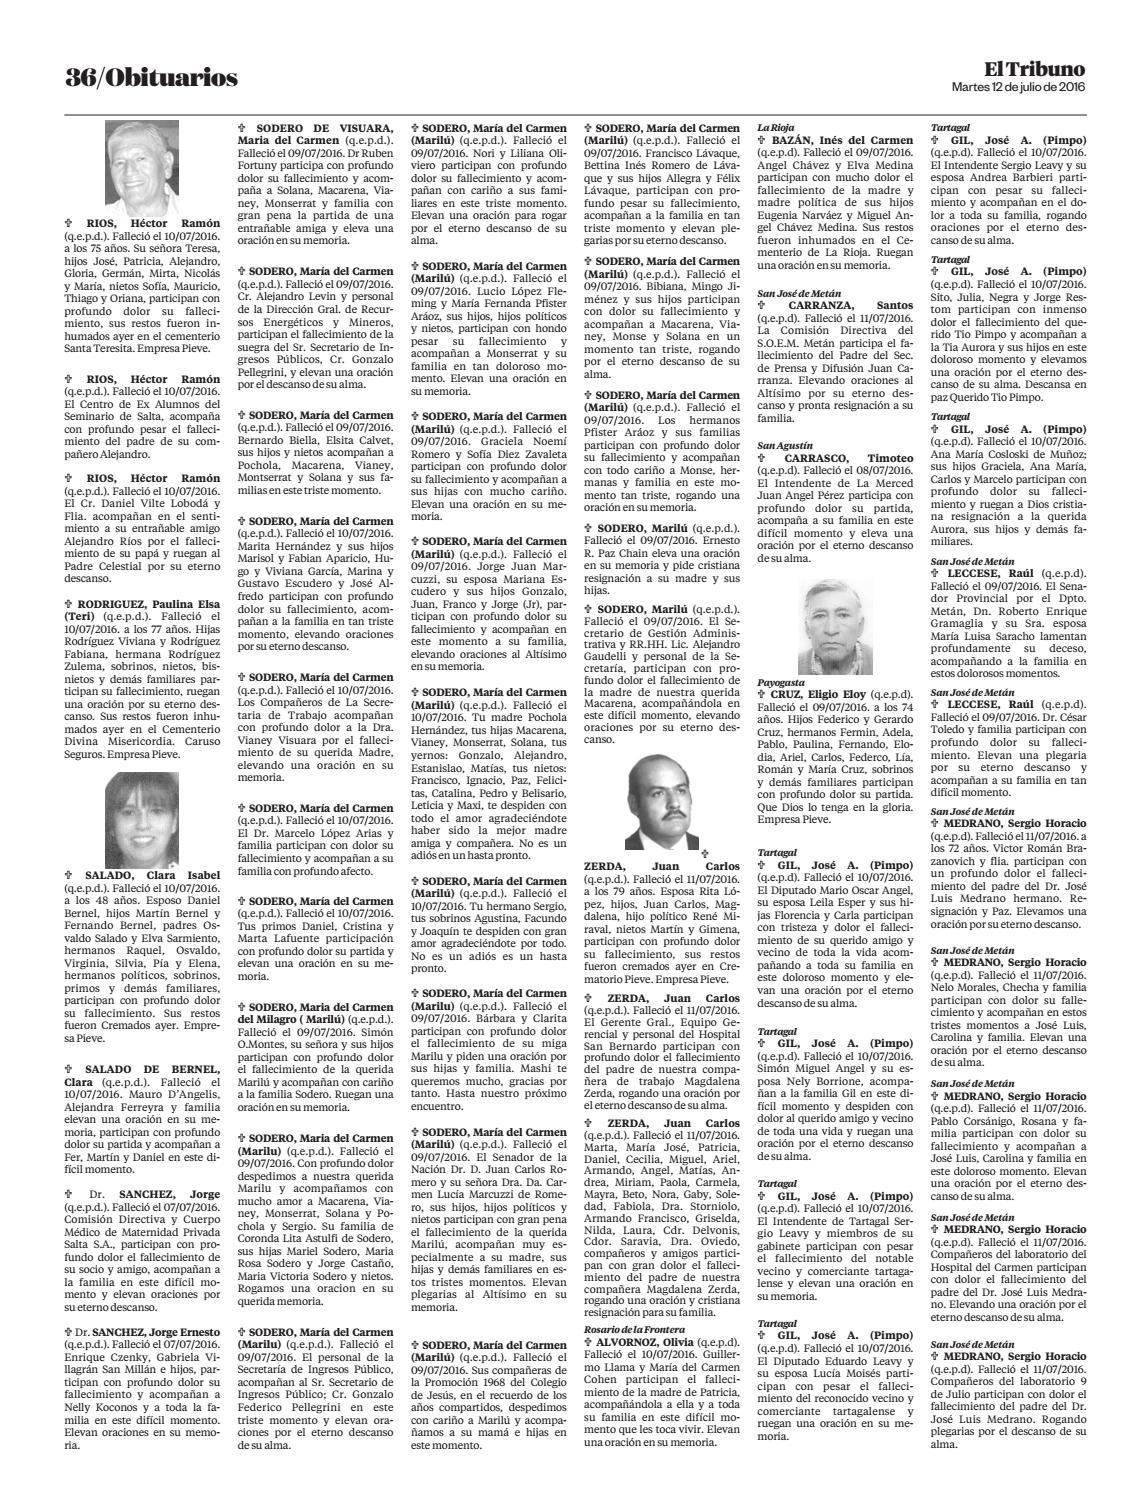 12 de julio de 2016 obituarios el tribuno by El Tribuno - issuu